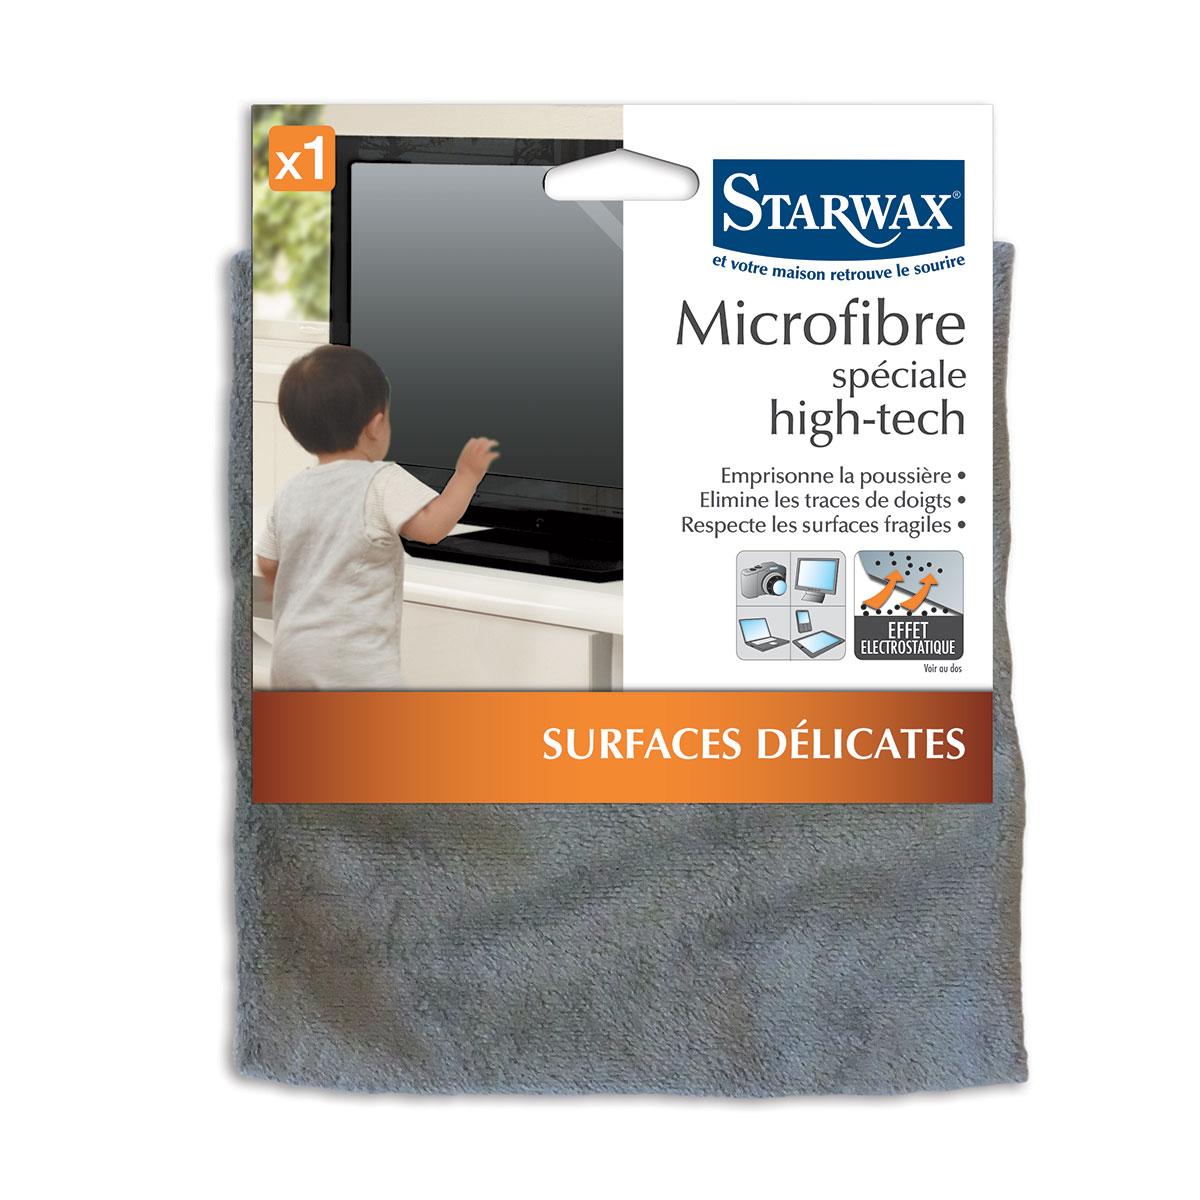 Microfibre pour appareils high tech (télévision, smartphone, tablette...) - Starwax